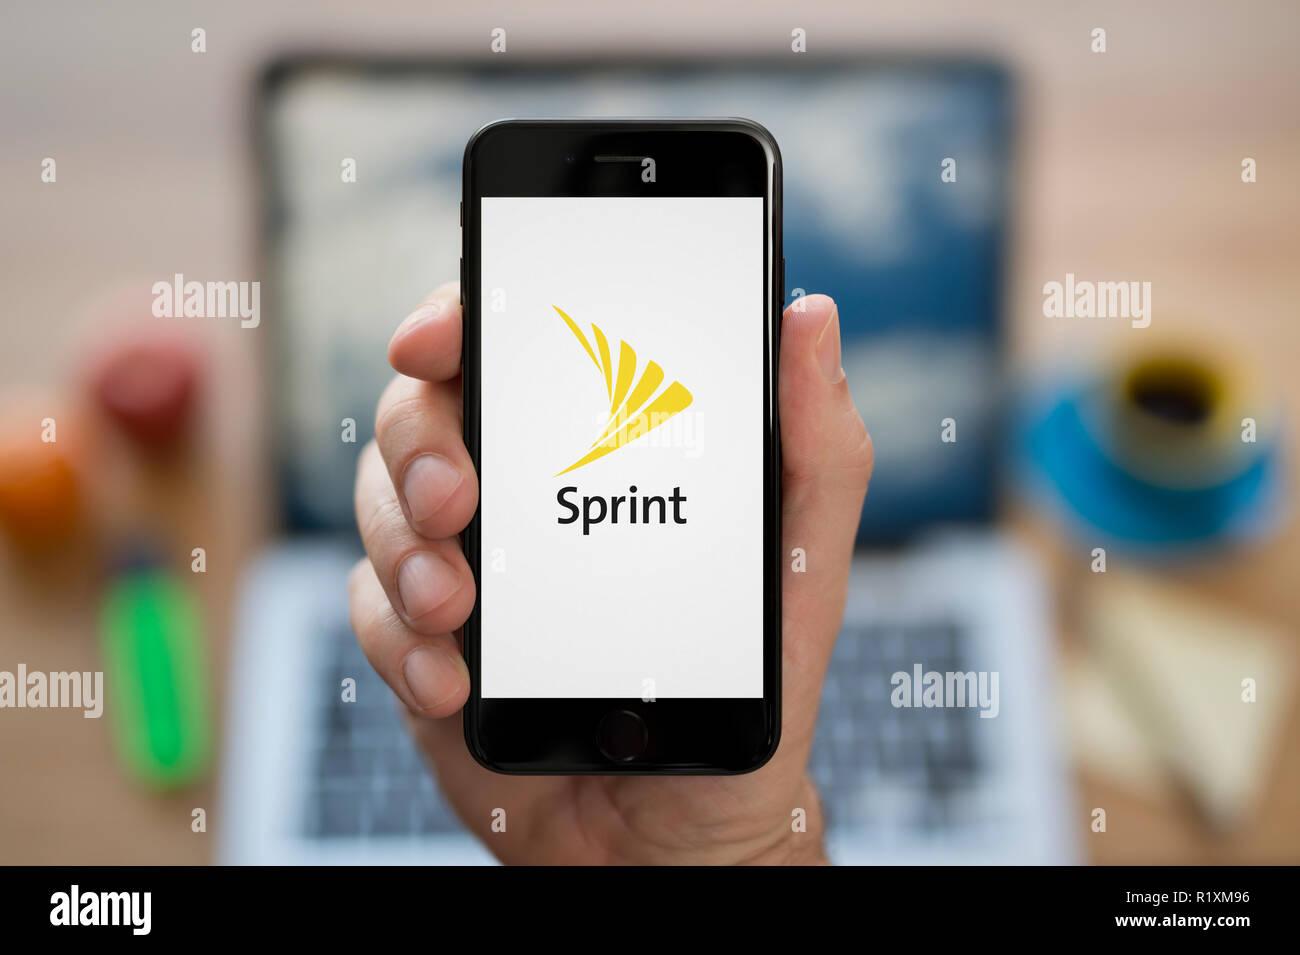 Un uomo guarda al suo iPhone che visualizza il logo Sprint, mentre se ne sta seduto alla sua scrivania per computer (solo uso editoriale). Immagini Stock